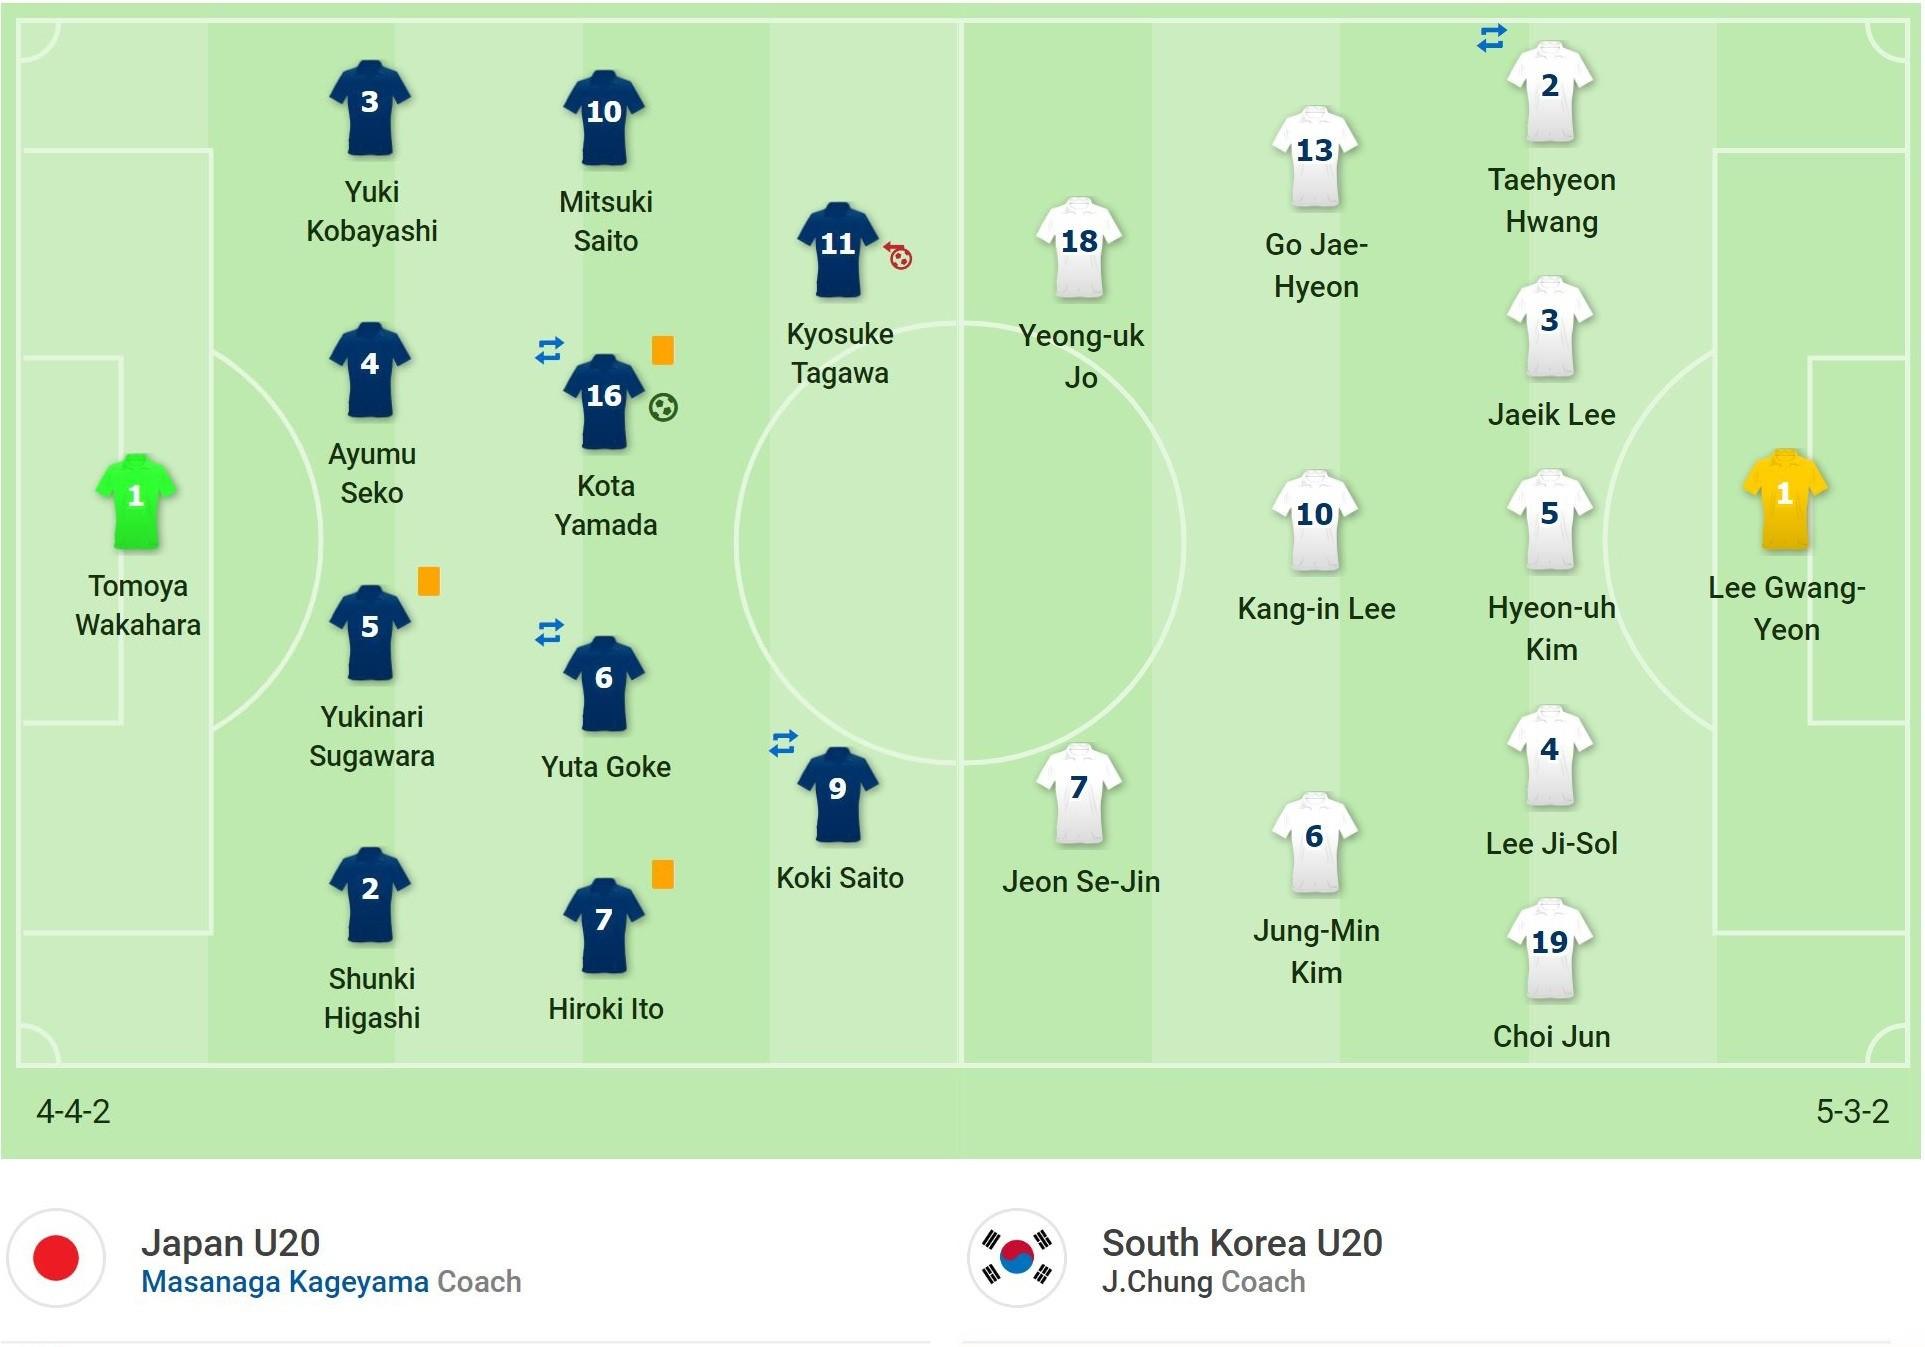 Kết quả U20 Nhật Bản vs U20 Hàn Quốc: VAR chặn đường  các Samurai trẻ, chiến binh Thái Cực có mặt ở tứ kết - Ảnh 1.